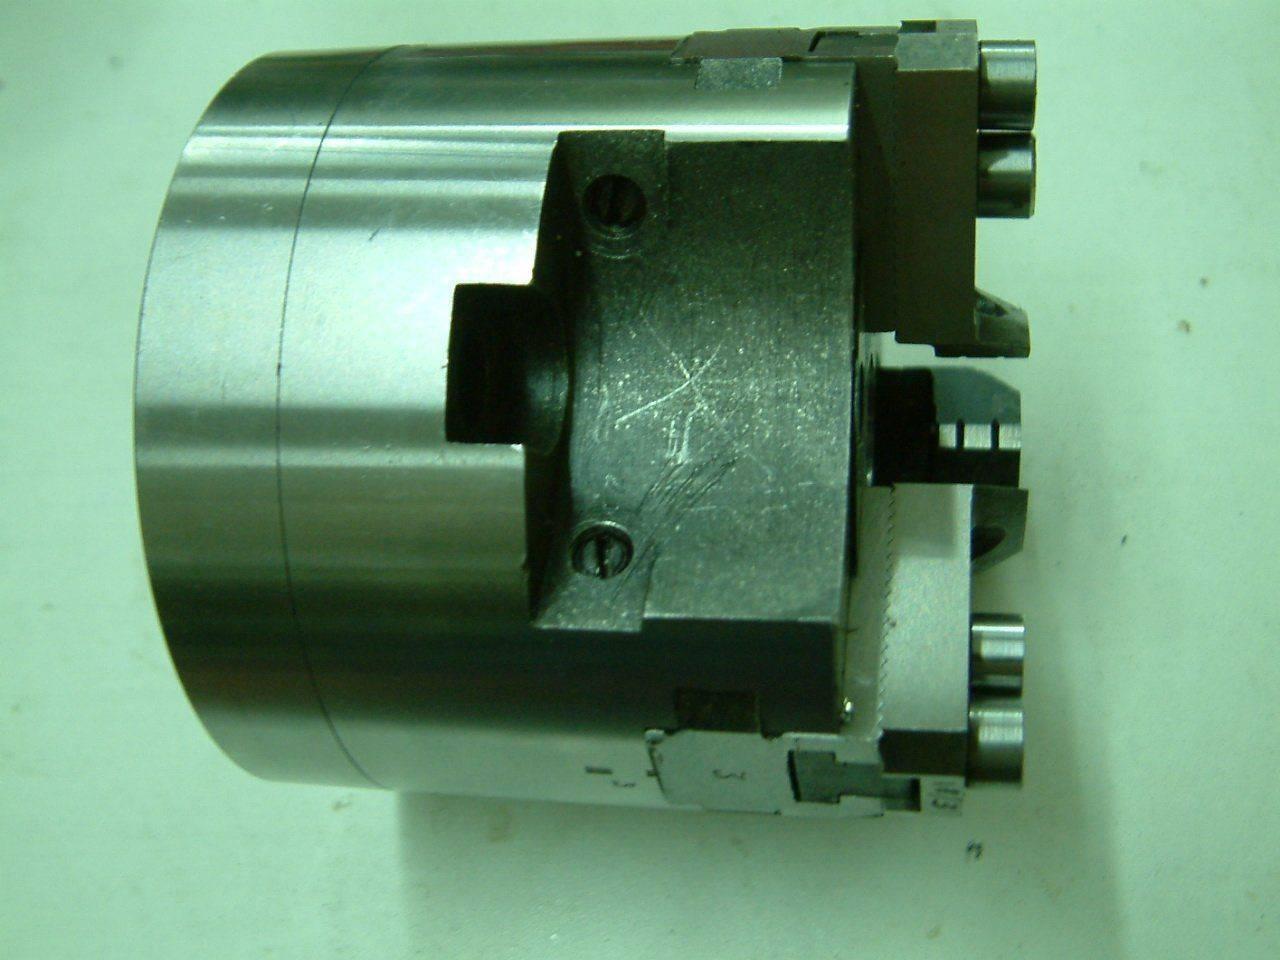 DSCF0251.JPG